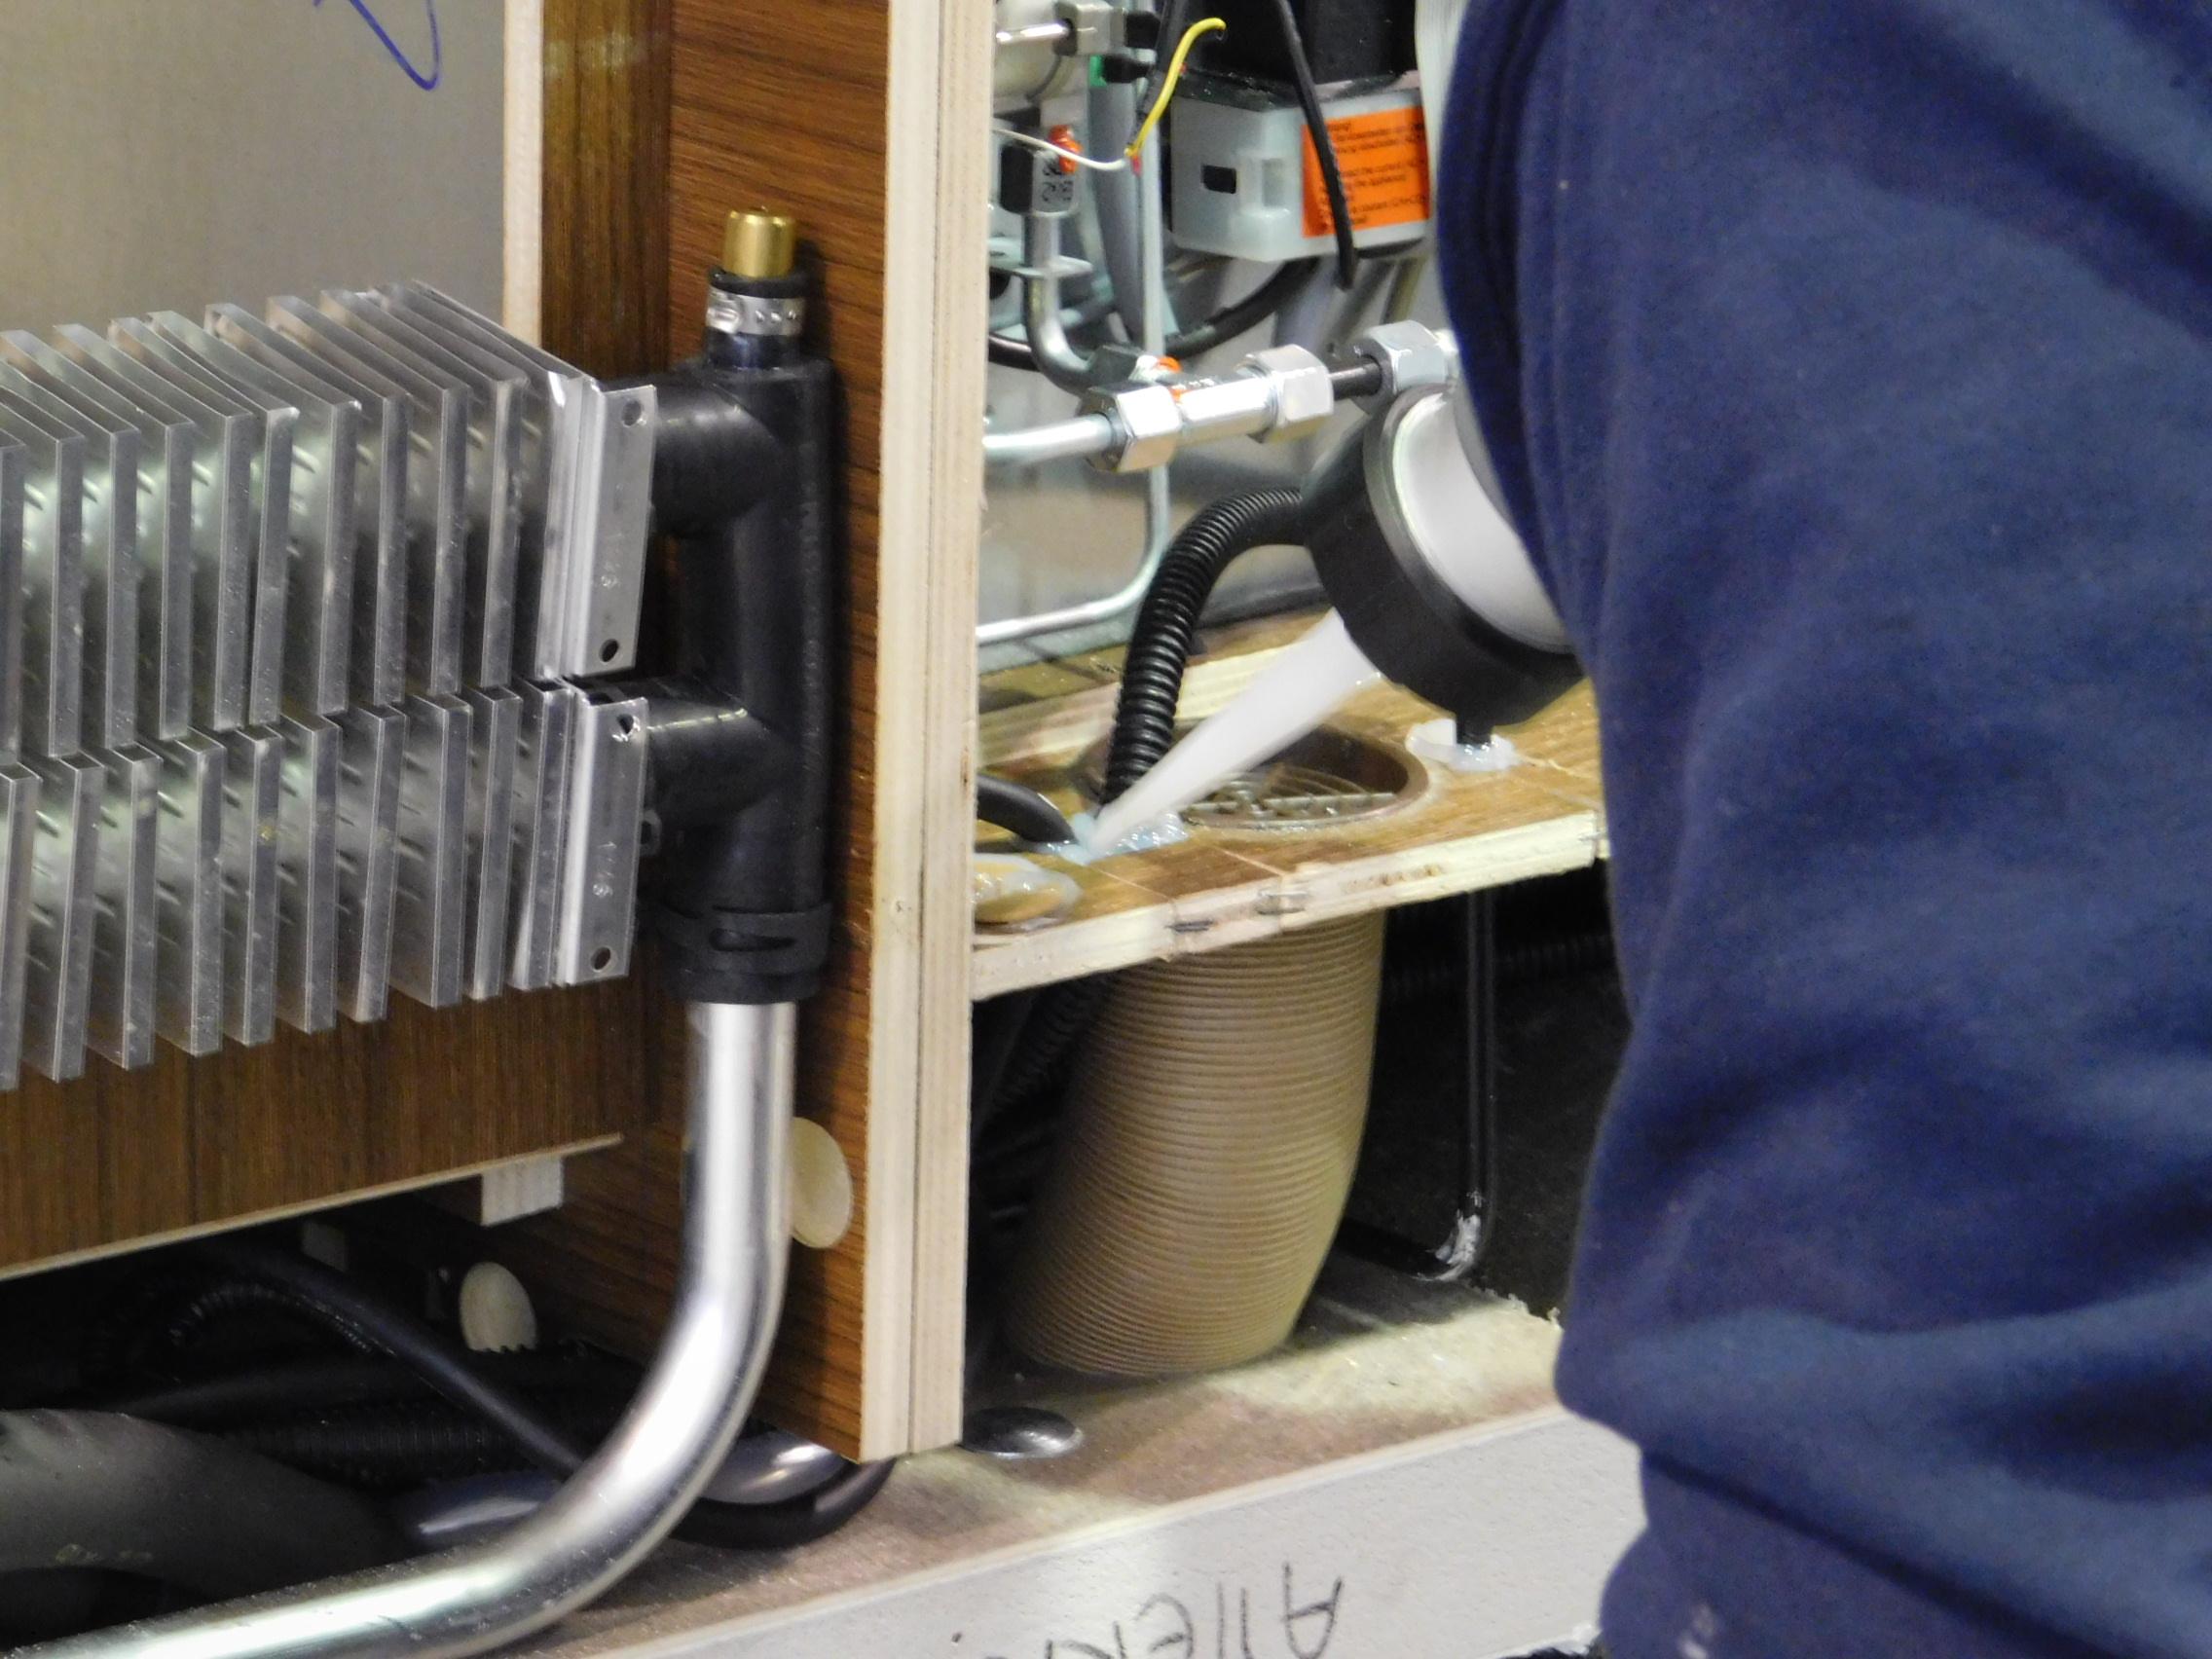 Riscaldamento Ad Aria A Gas.Inverno In Camper Il Riscaldamento Acqua Parte 4 Il Camperista